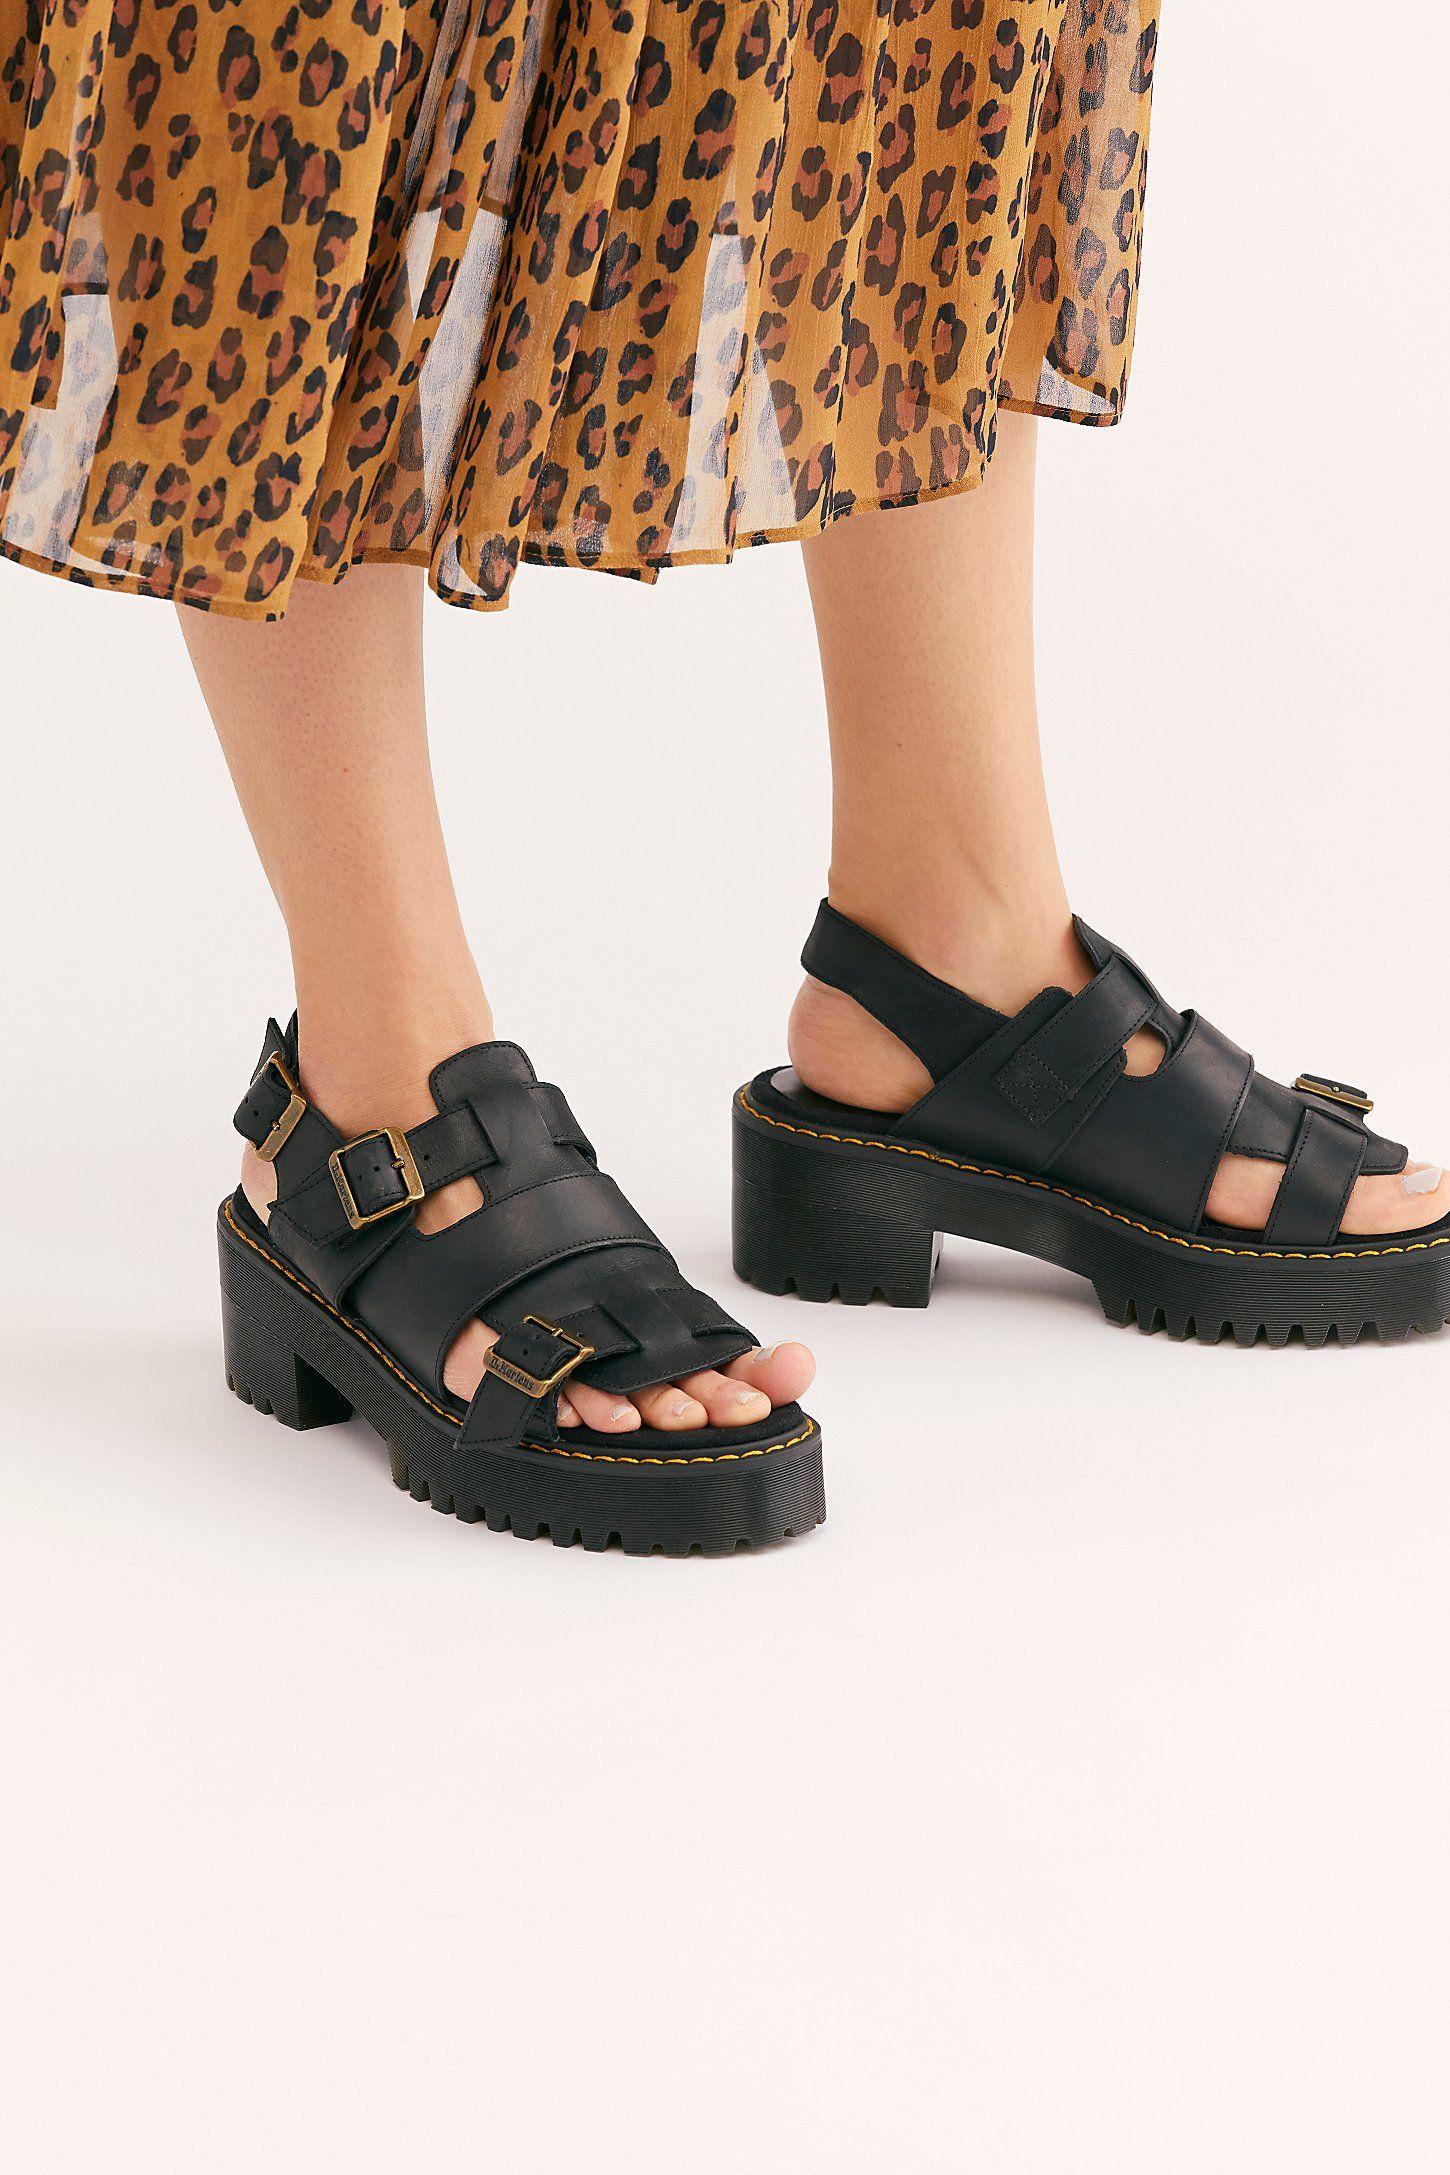 25d01028 Dr. Martens Ariel Platform in 2019   My Style   Dr martens sandals ...